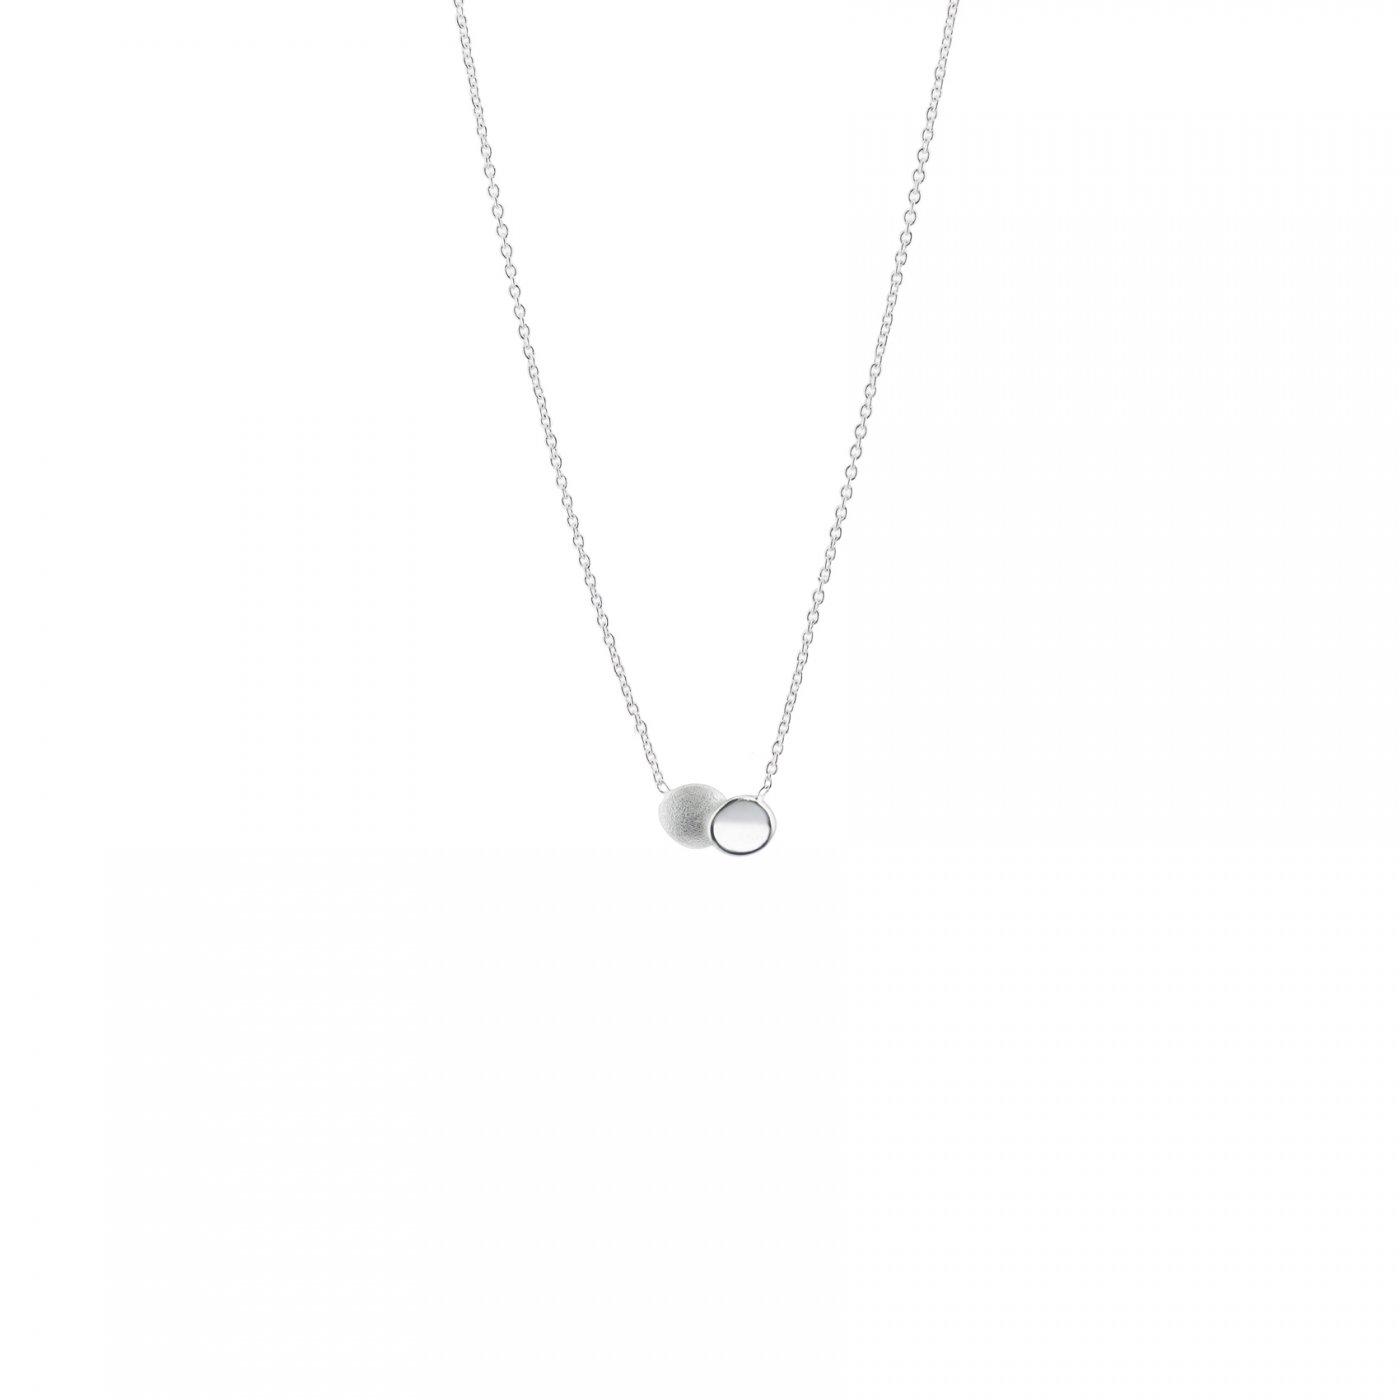 Rocky-Shore-medium-single-necklace-zoom-1400x1400